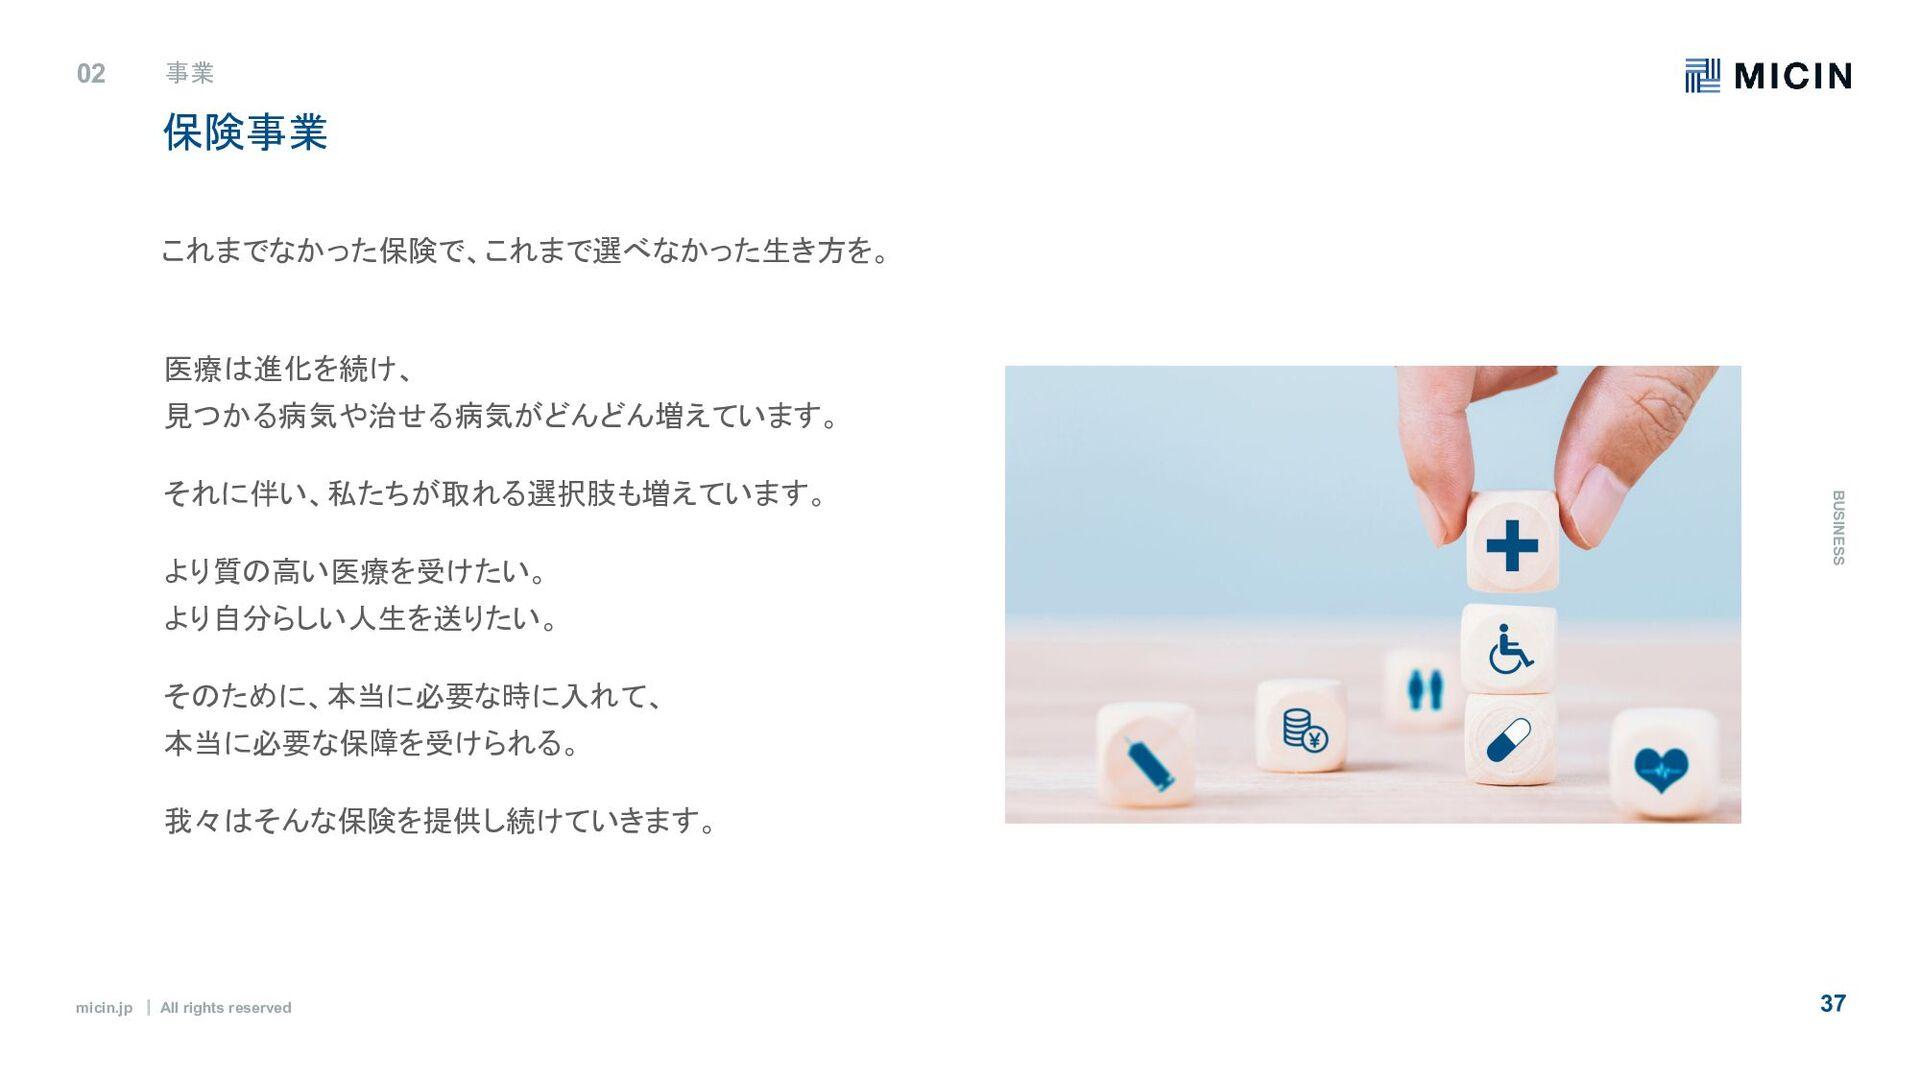 micin.jp ʛ All rights reserved 37 03 組織 O R G A...